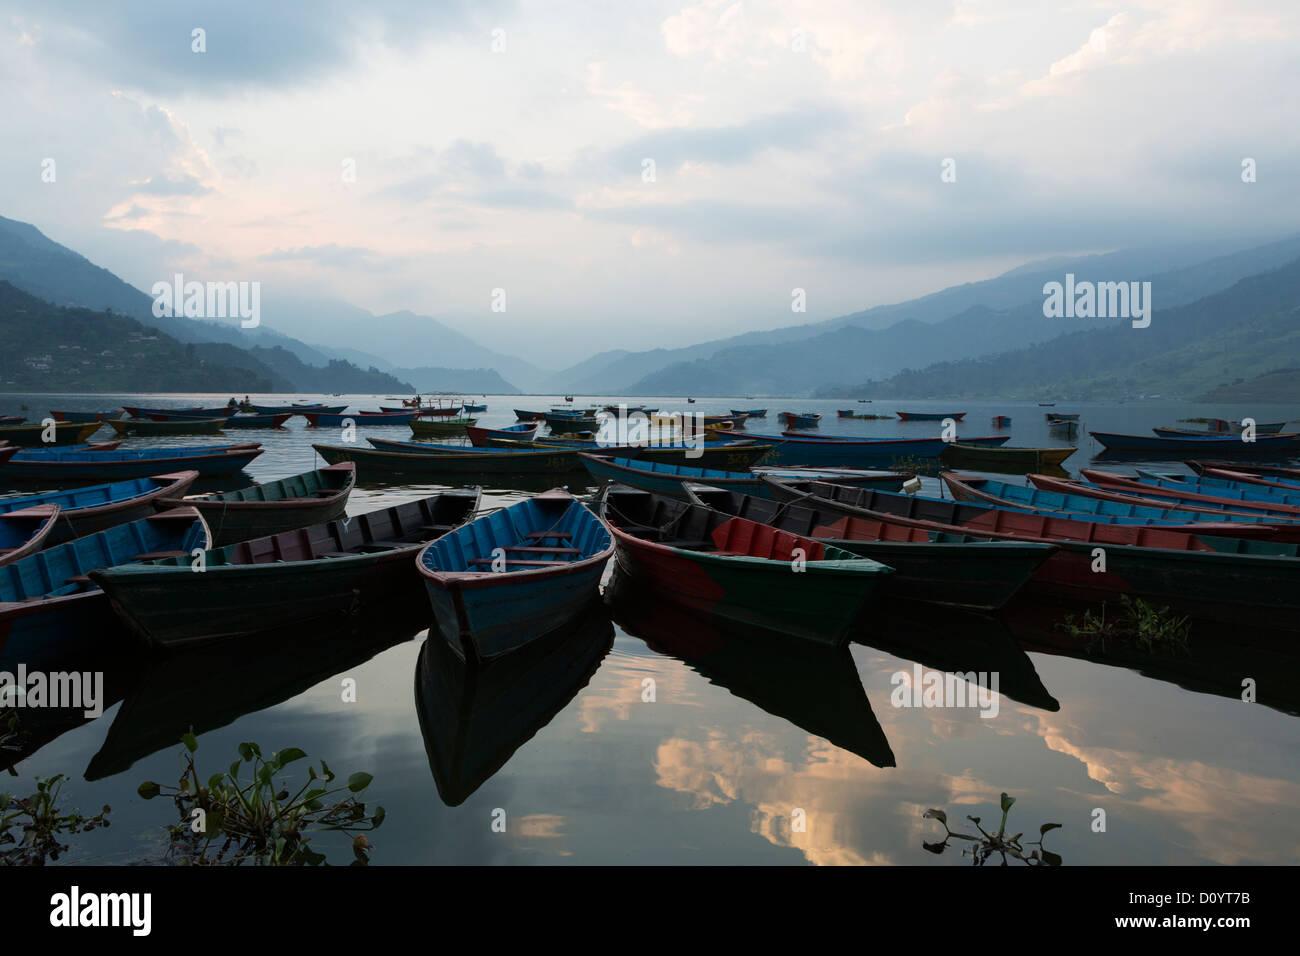 Wooden boats aligned on Phewa lake in Pokhara, Nepal - Stock Image